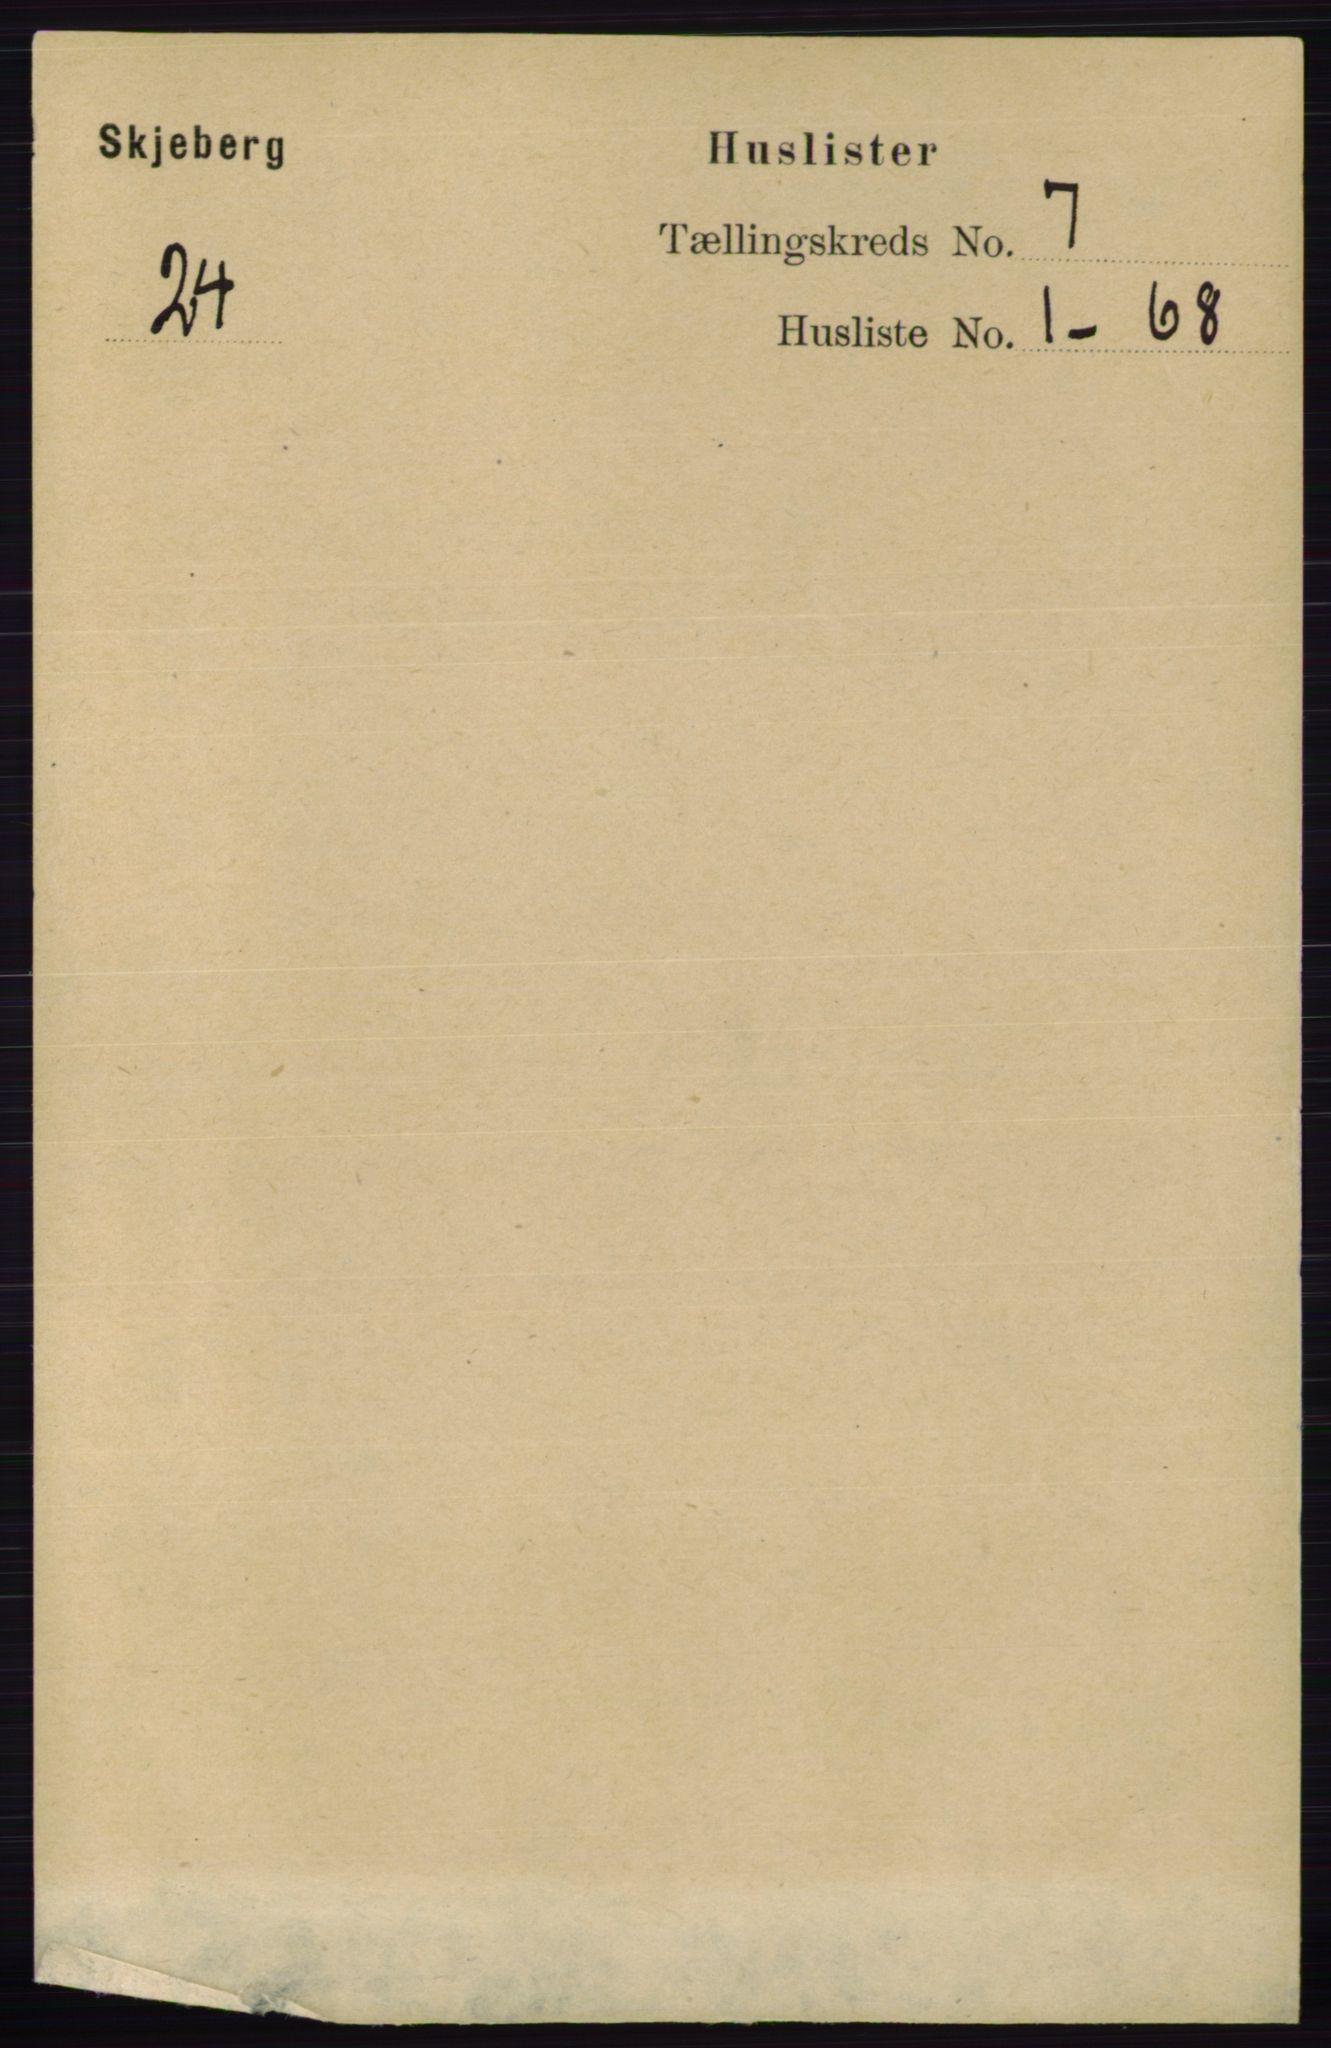 RA, Folketelling 1891 for 0115 Skjeberg herred, 1891, s. 3355